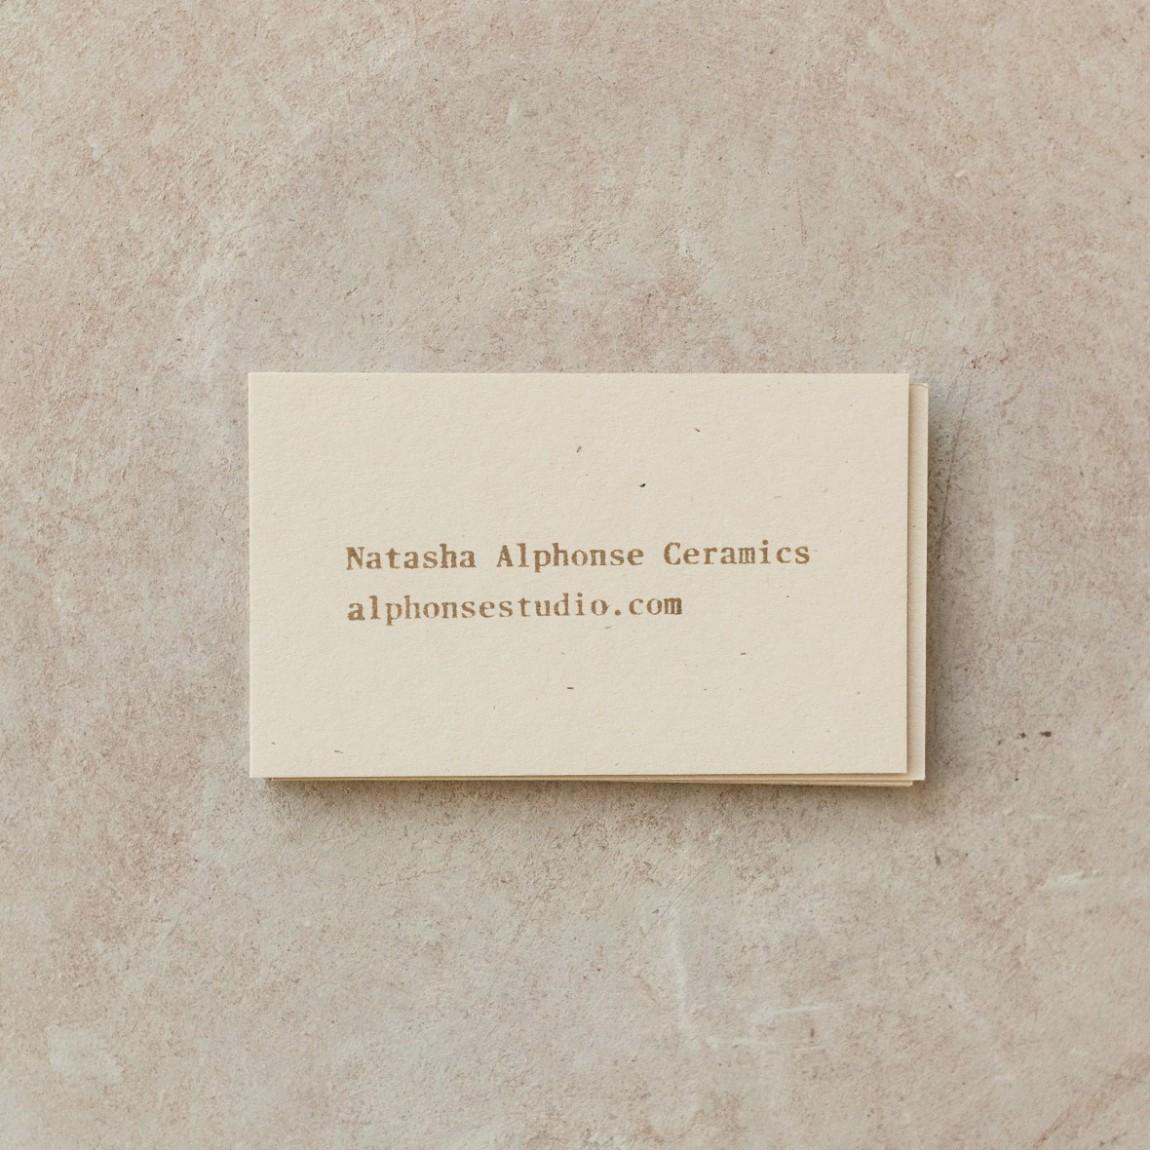 Natasha陶艺品牌视觉识别系统VIS设计 ,名片设计